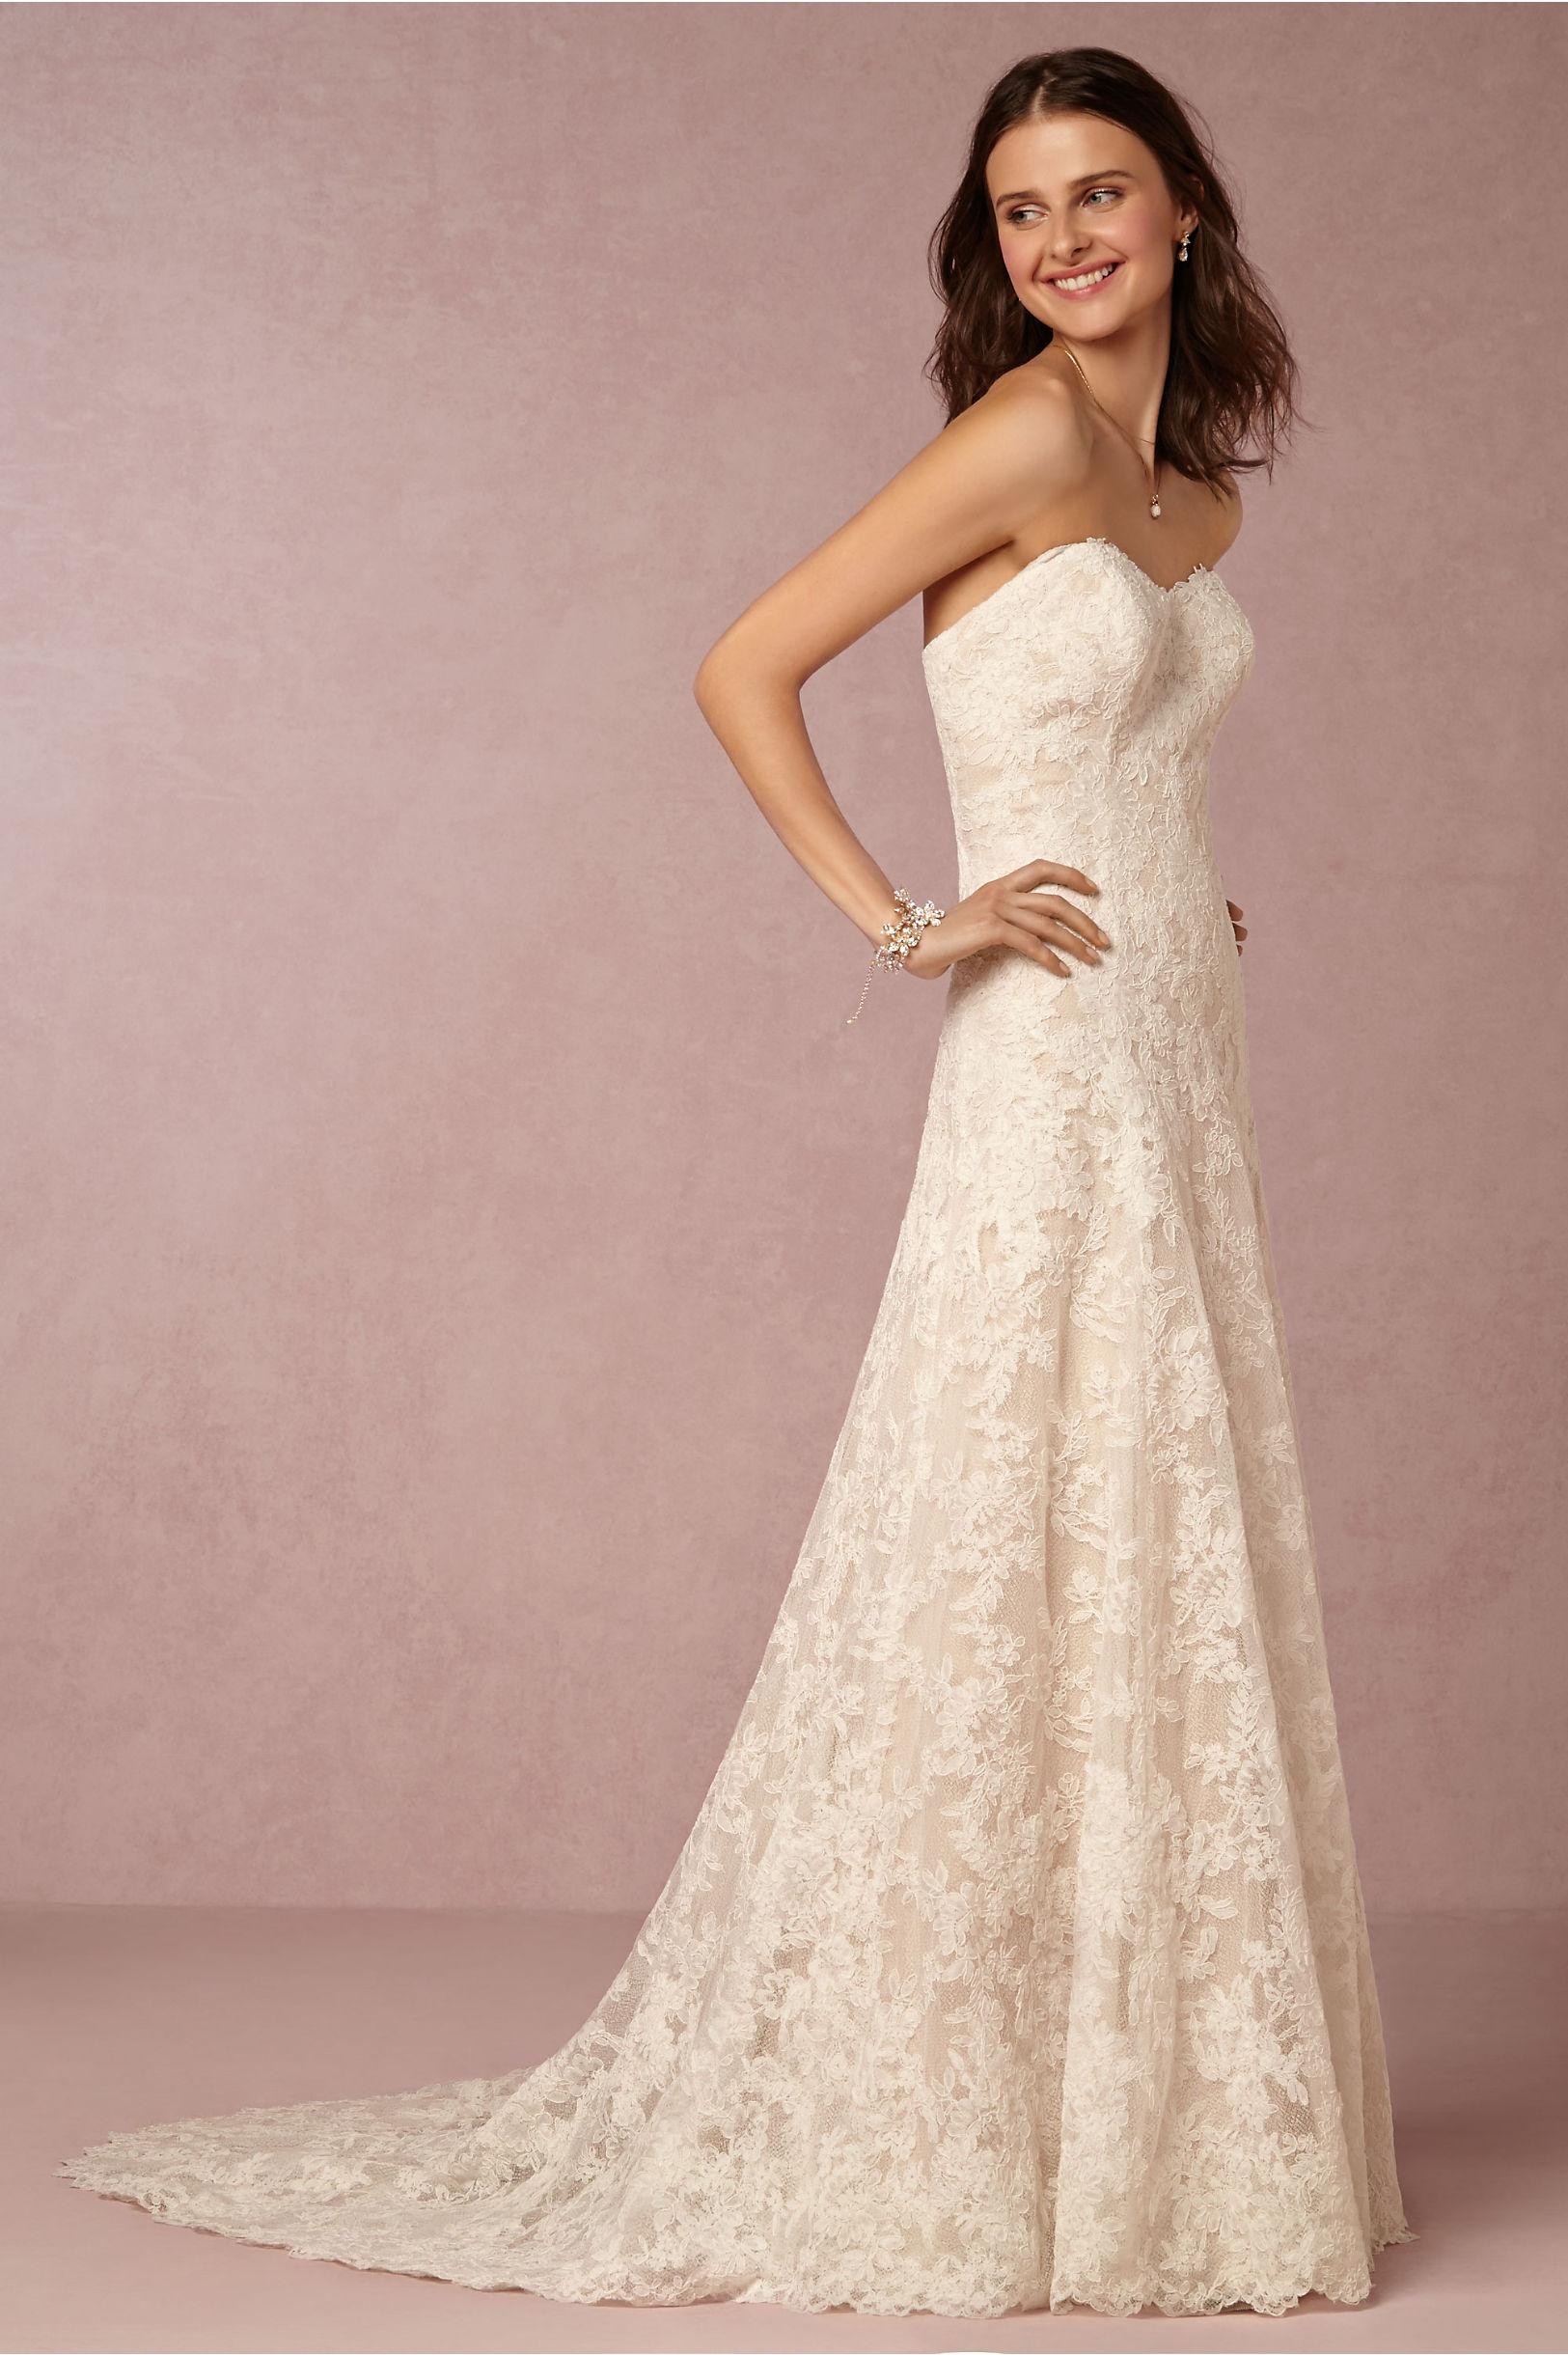 Lujoso Wedding Dress Watters Cresta - Ideas de Estilos de Vestido de ...